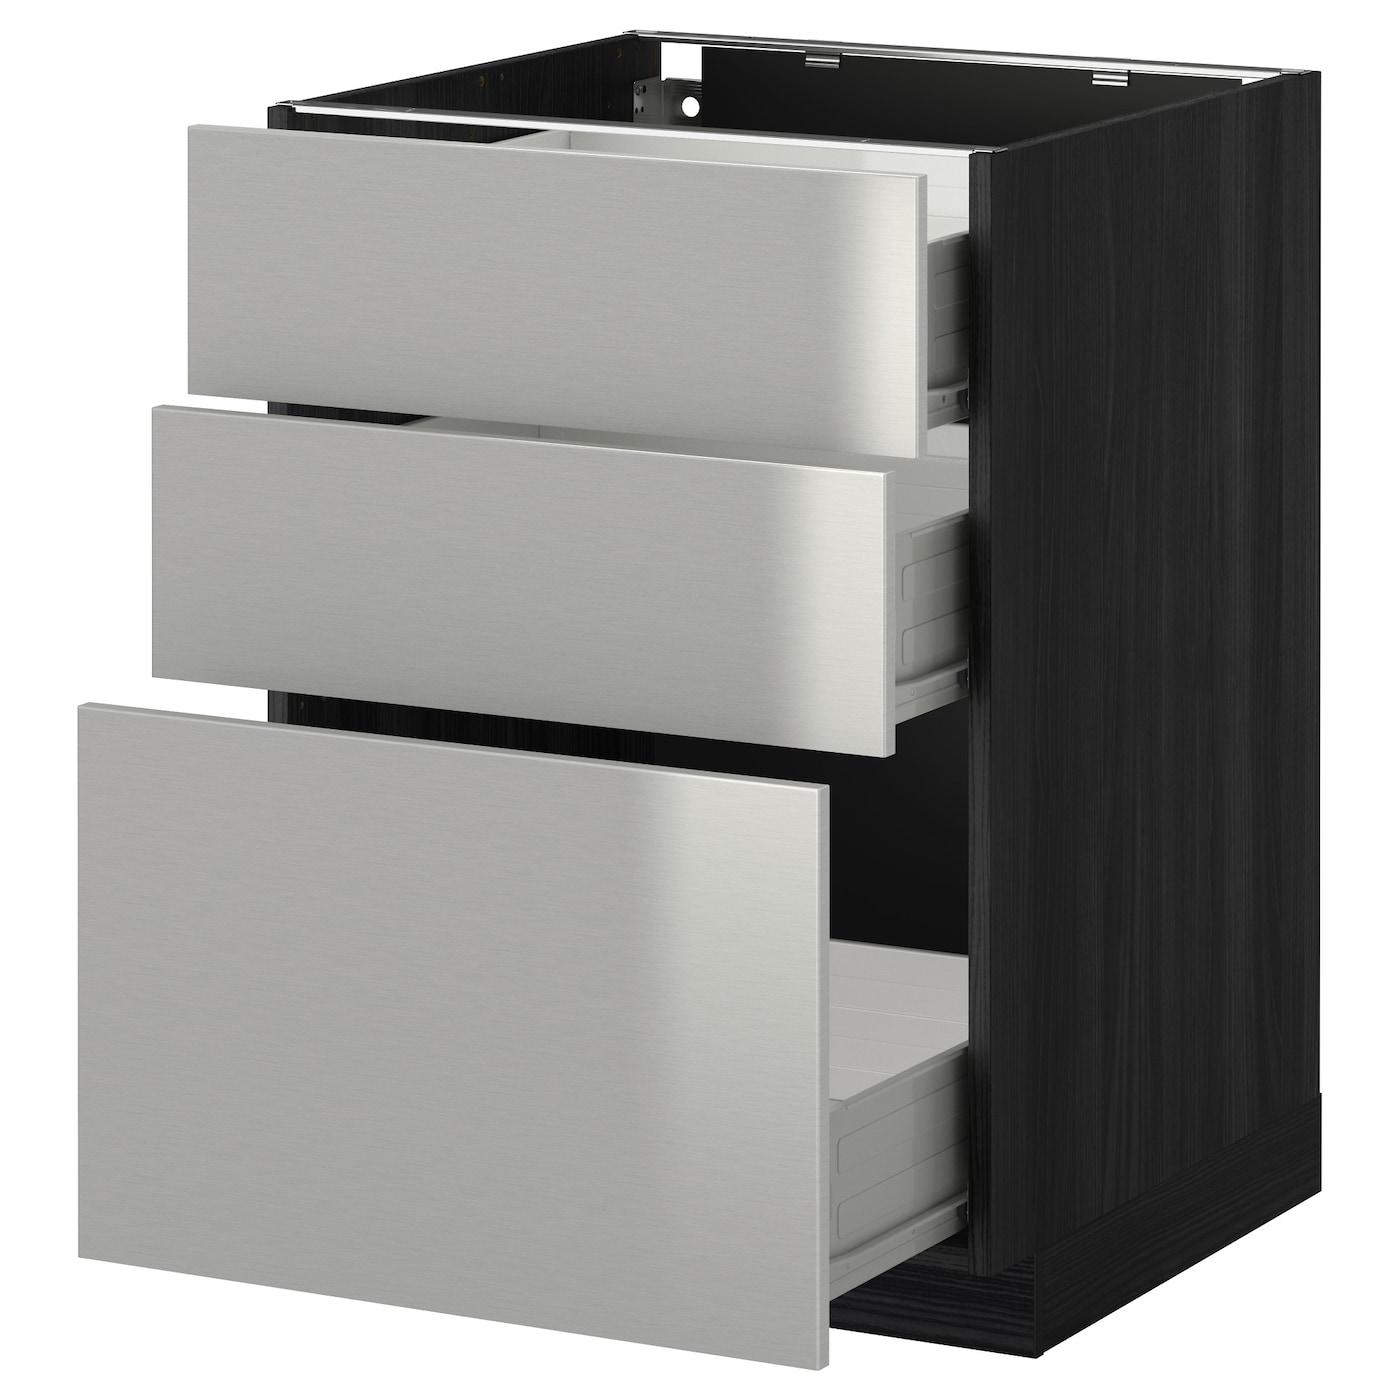 Steel Frame Kitchen Cabinets: METOD/FÖRVARA Base Cabinet With 3 Drawers Black/grevsta